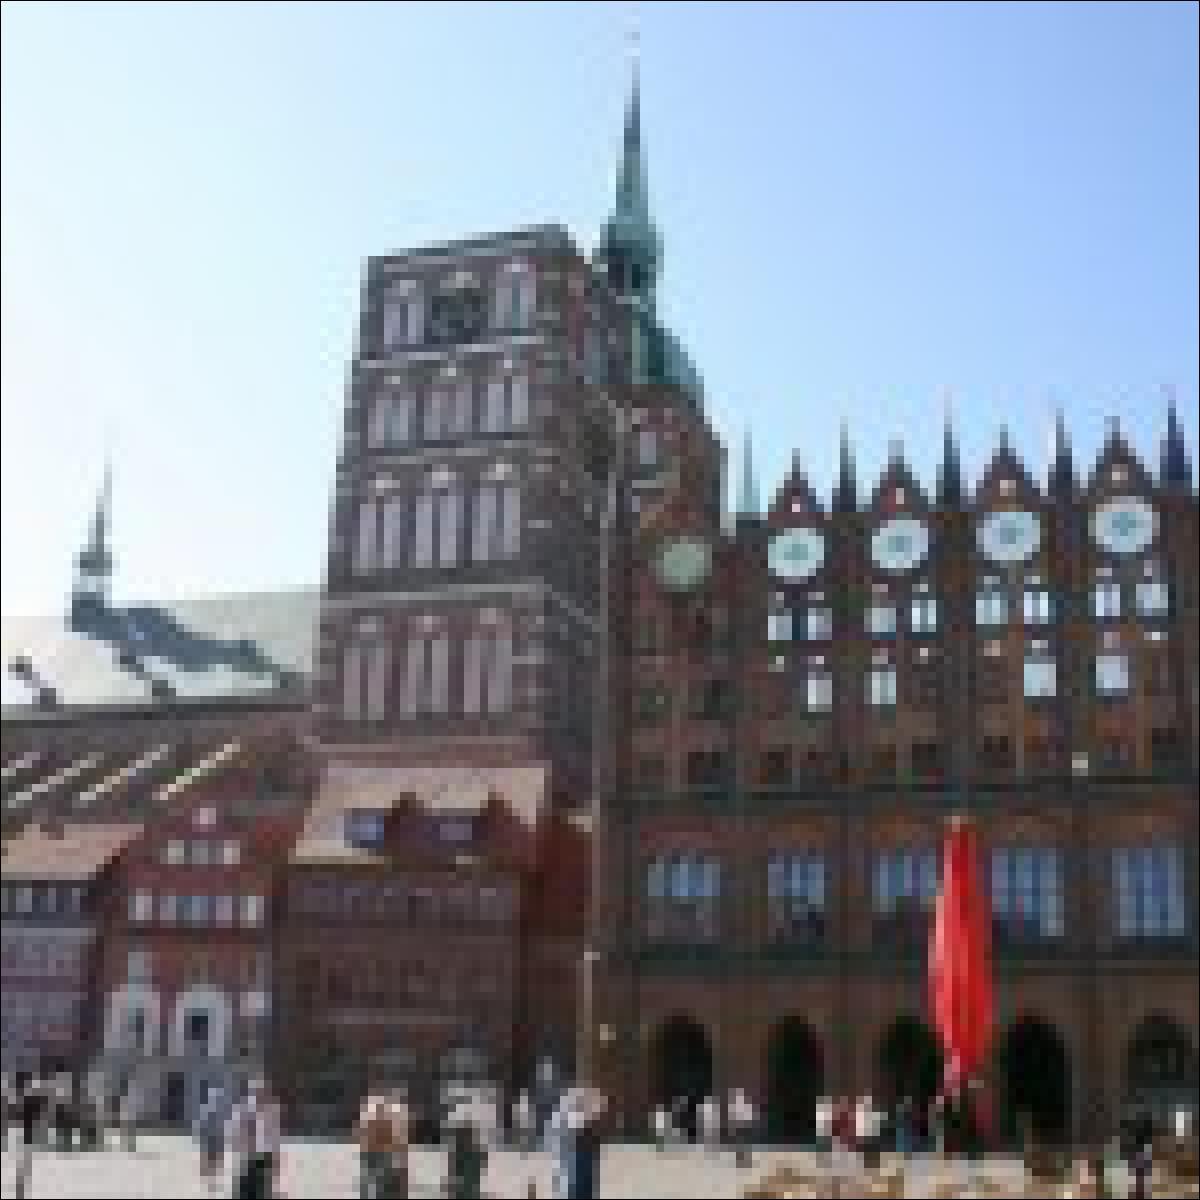 Das Rathaus in Stralsund